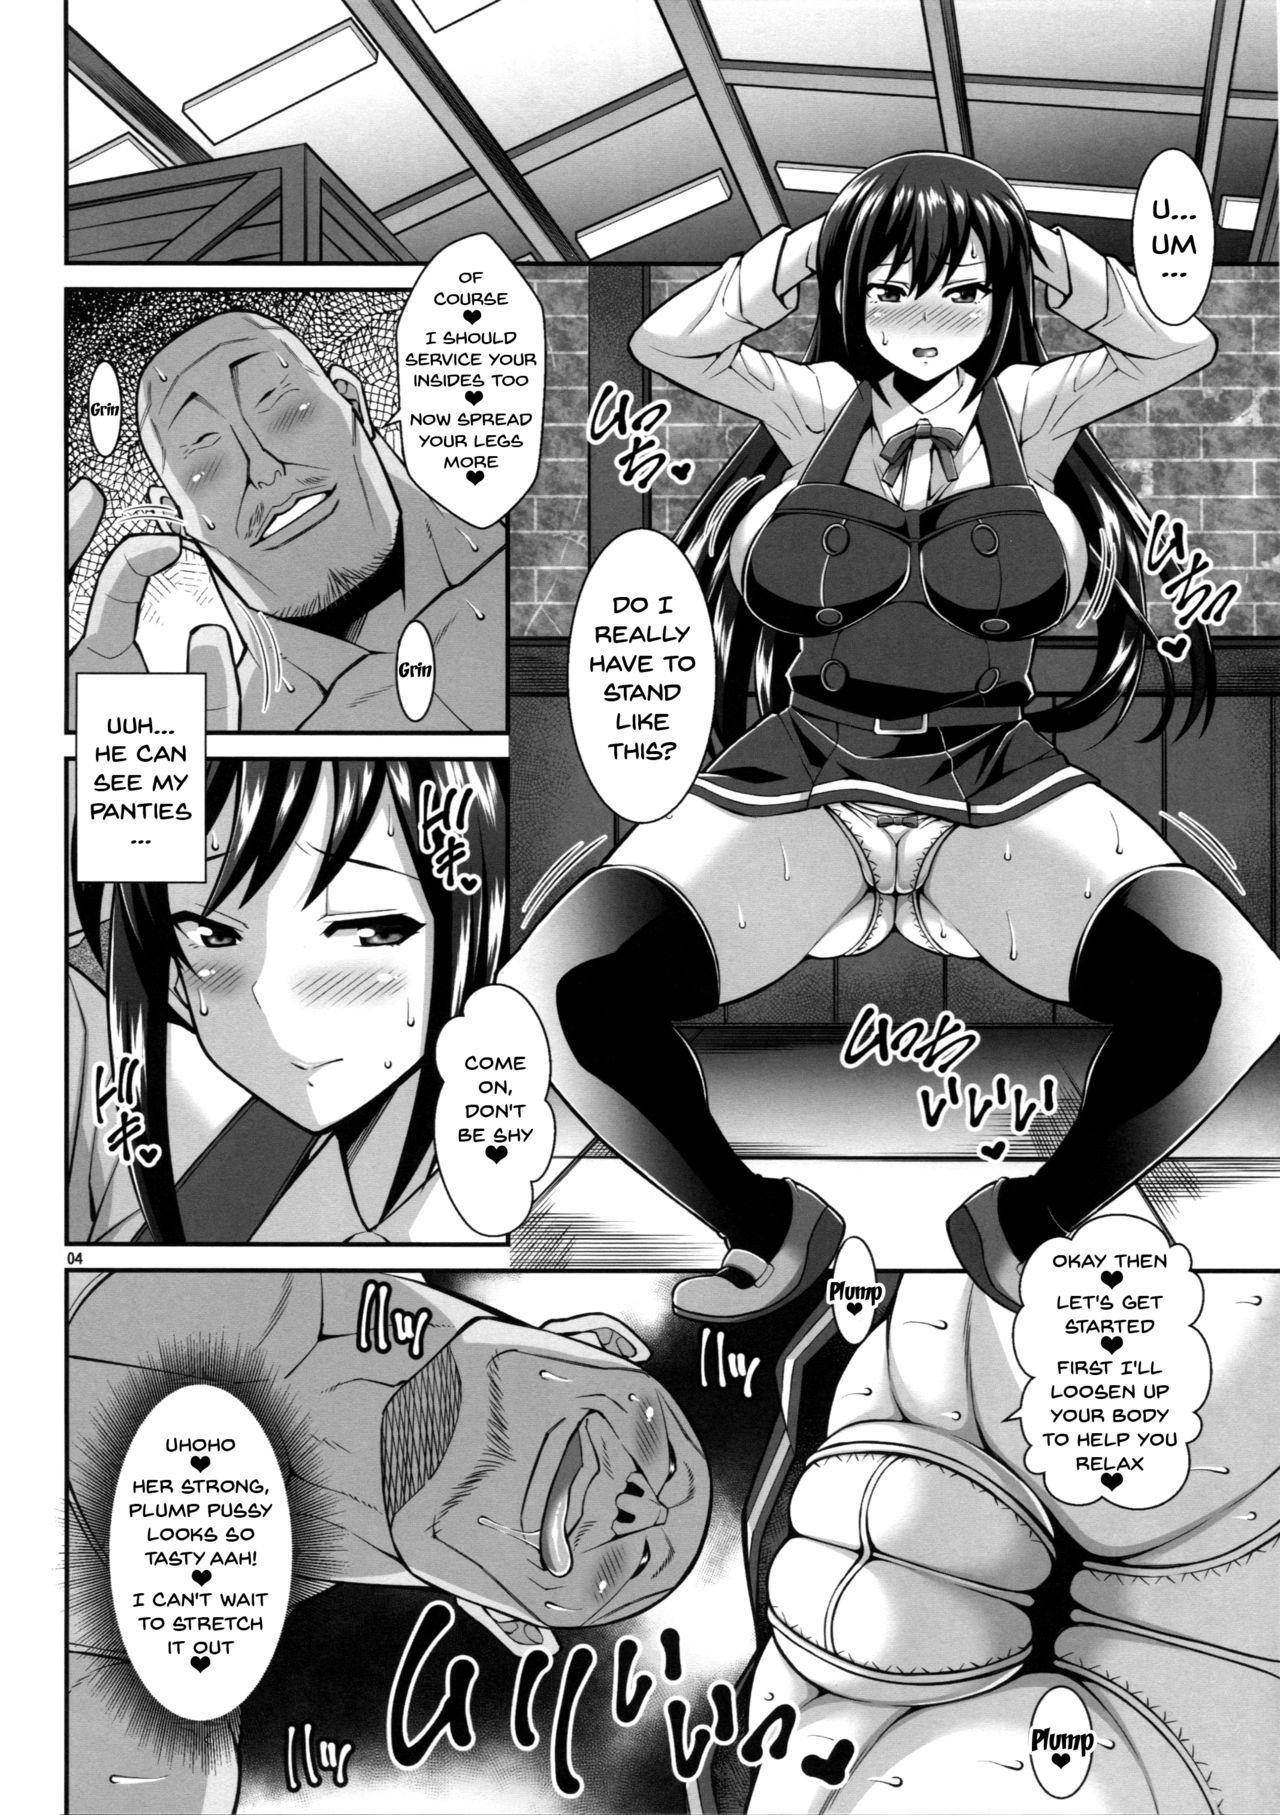 Asashio no Ero Ana 2